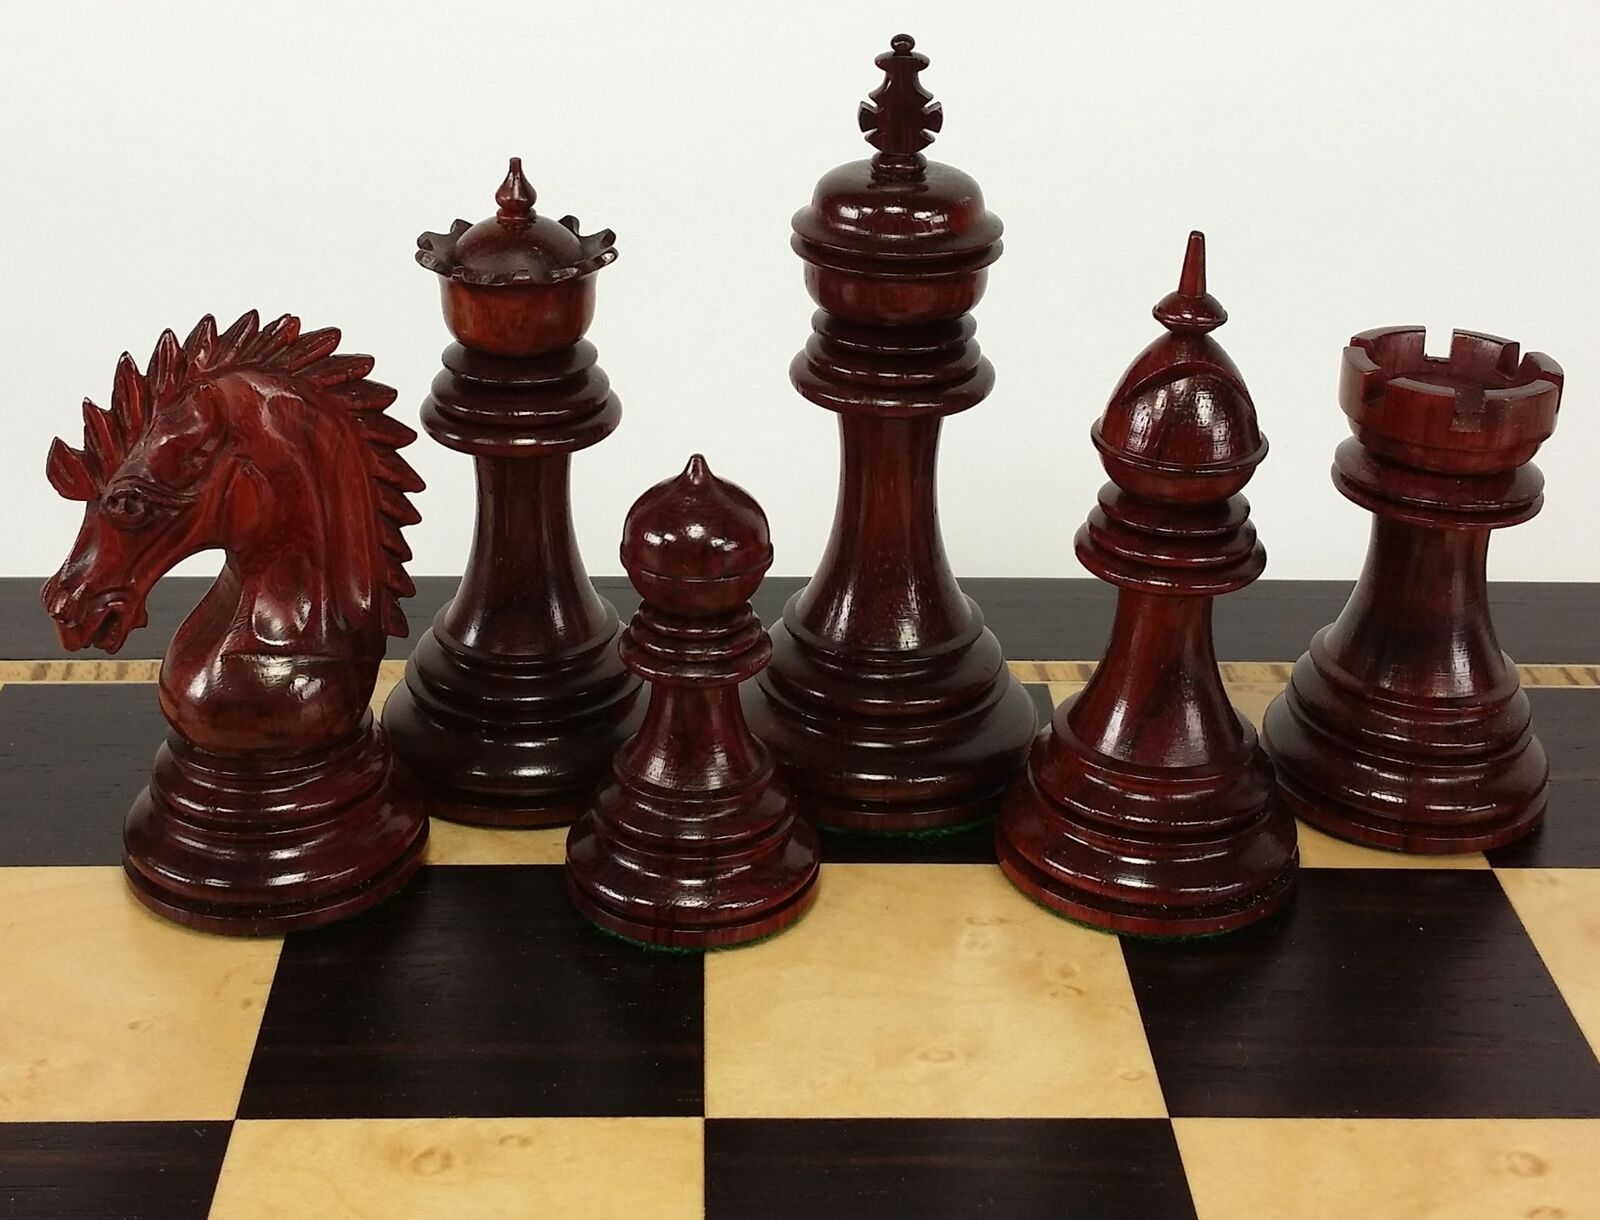 Blood ROSEWOOD Spiked Hair Knight 4 3/8  King Large Staunton Chess Uomo Set NO BD